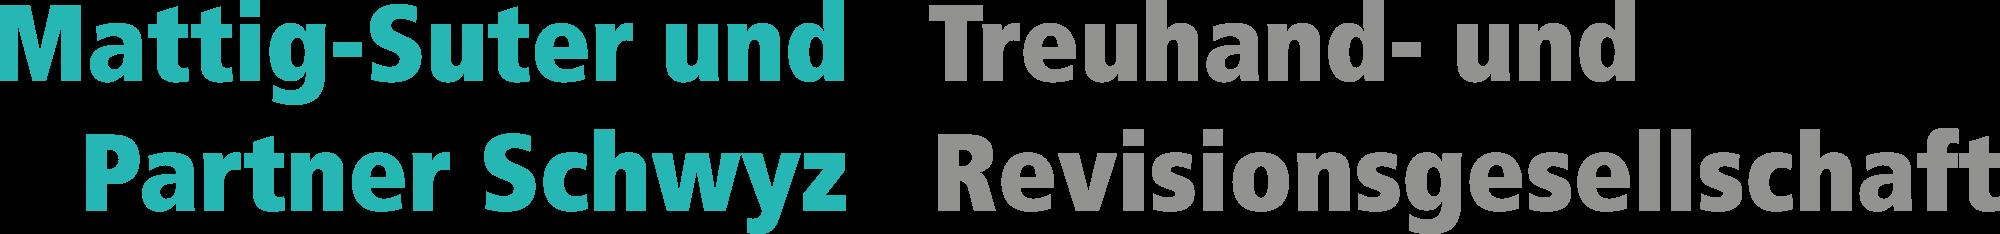 Treuhand- und Revisionsgesellschaft Mattig-Suter und Partner